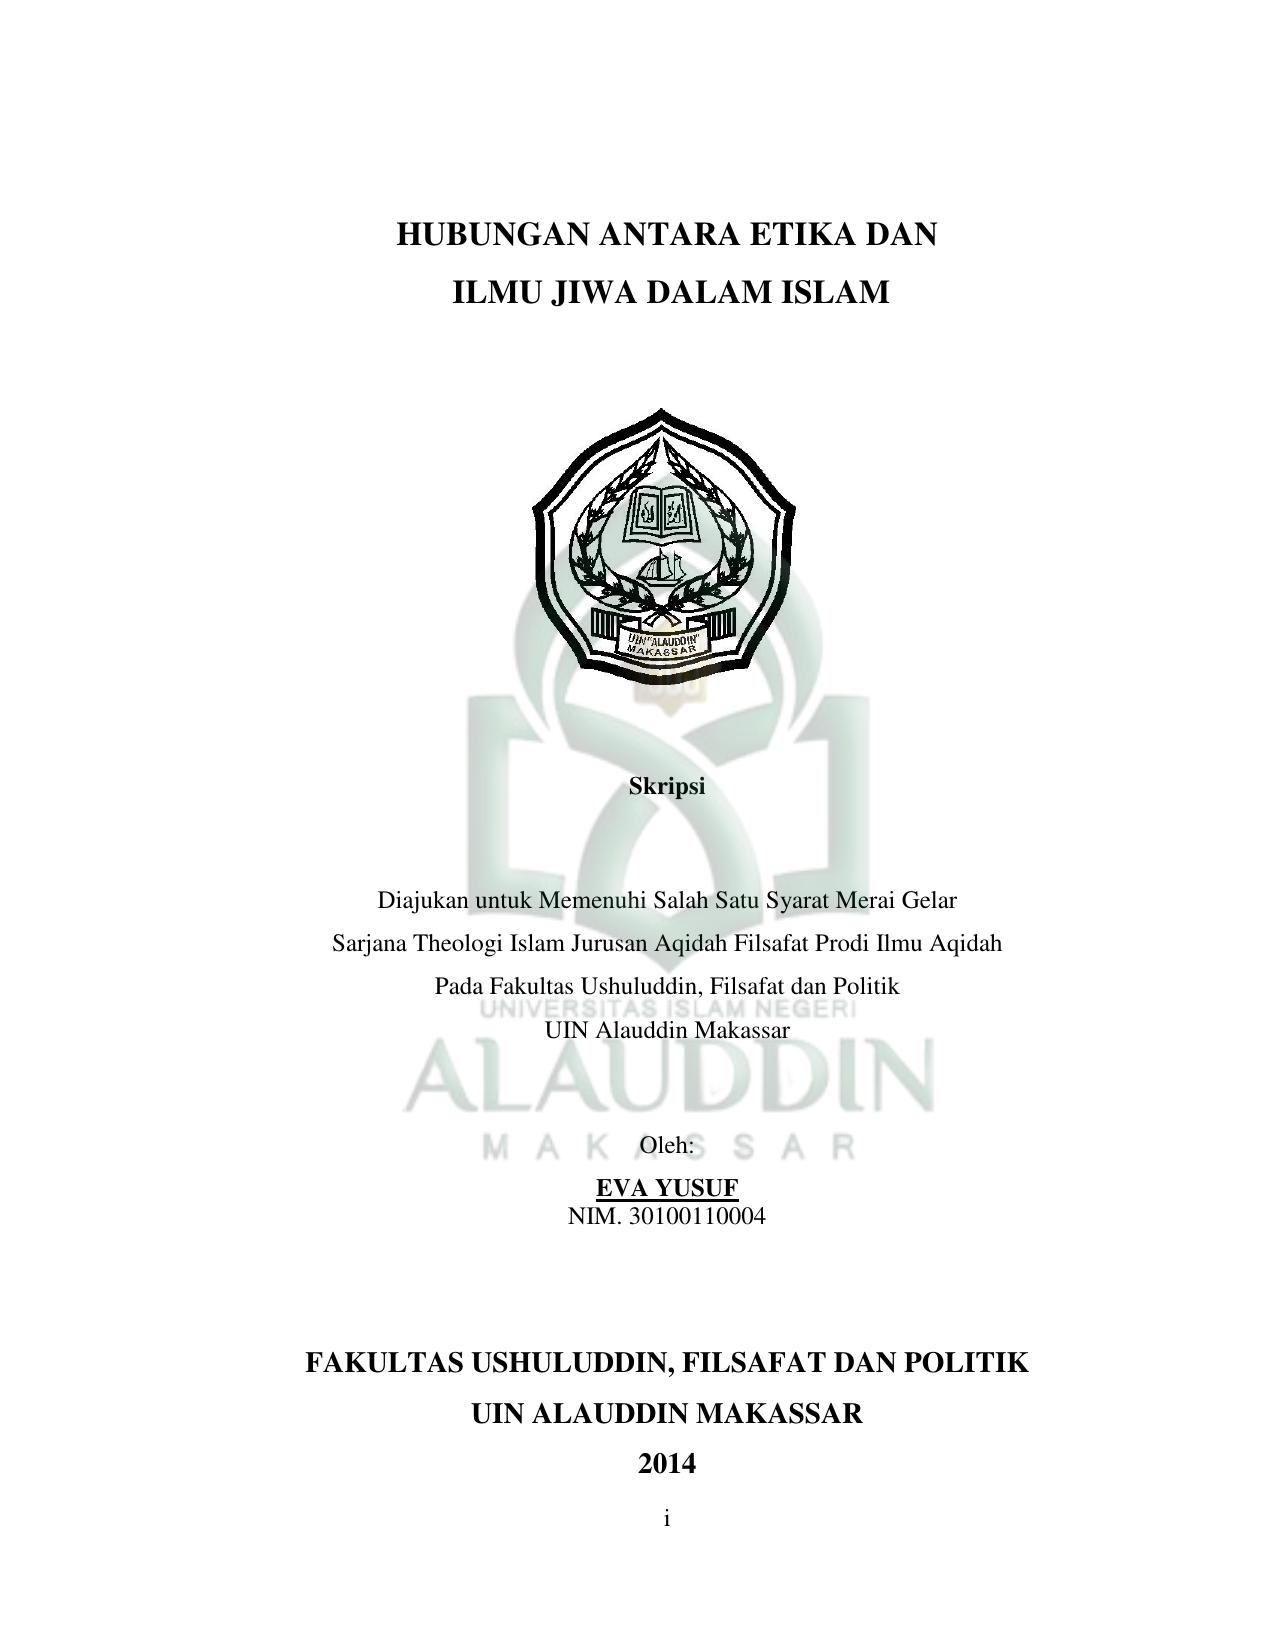 Hubungan Antara Etika Dan Ilmu Jiwa Dalam Islam